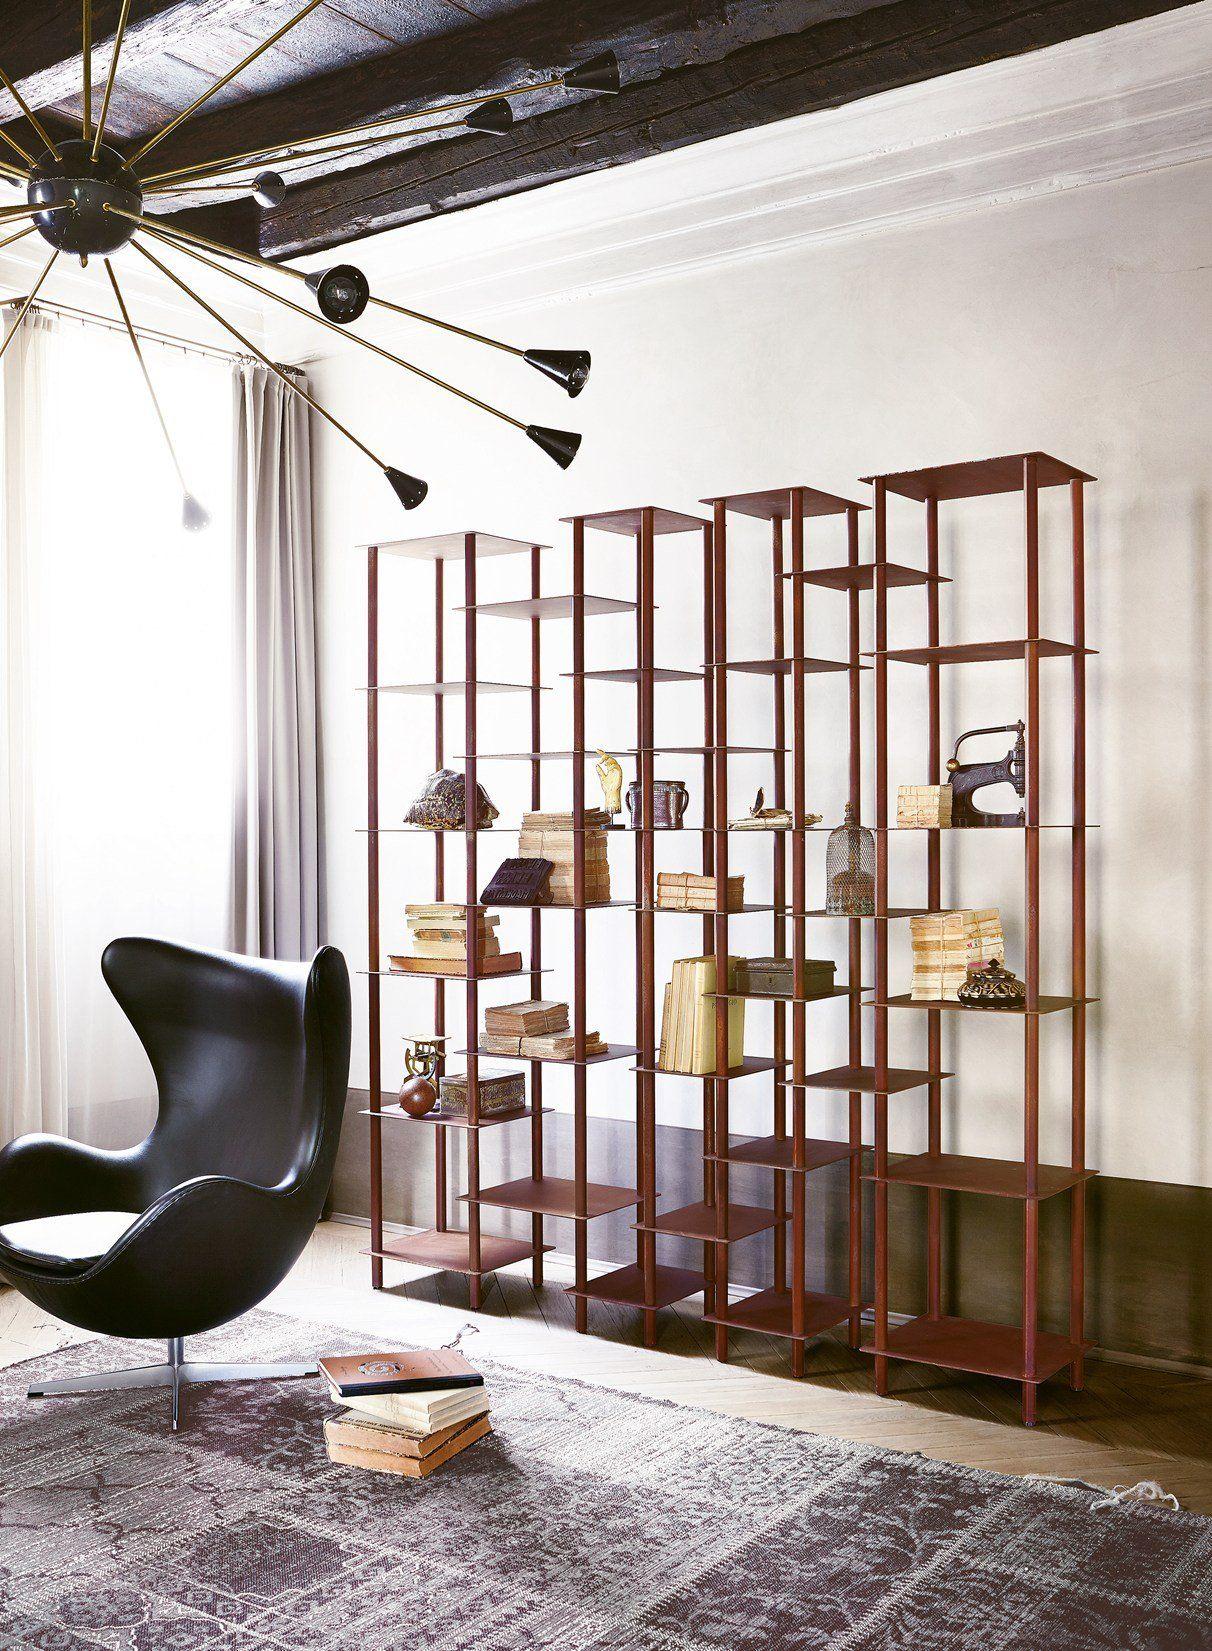 Lampade Da Tavolo Eleganti : Lamiera in acciaio corten per divani librerie lampade